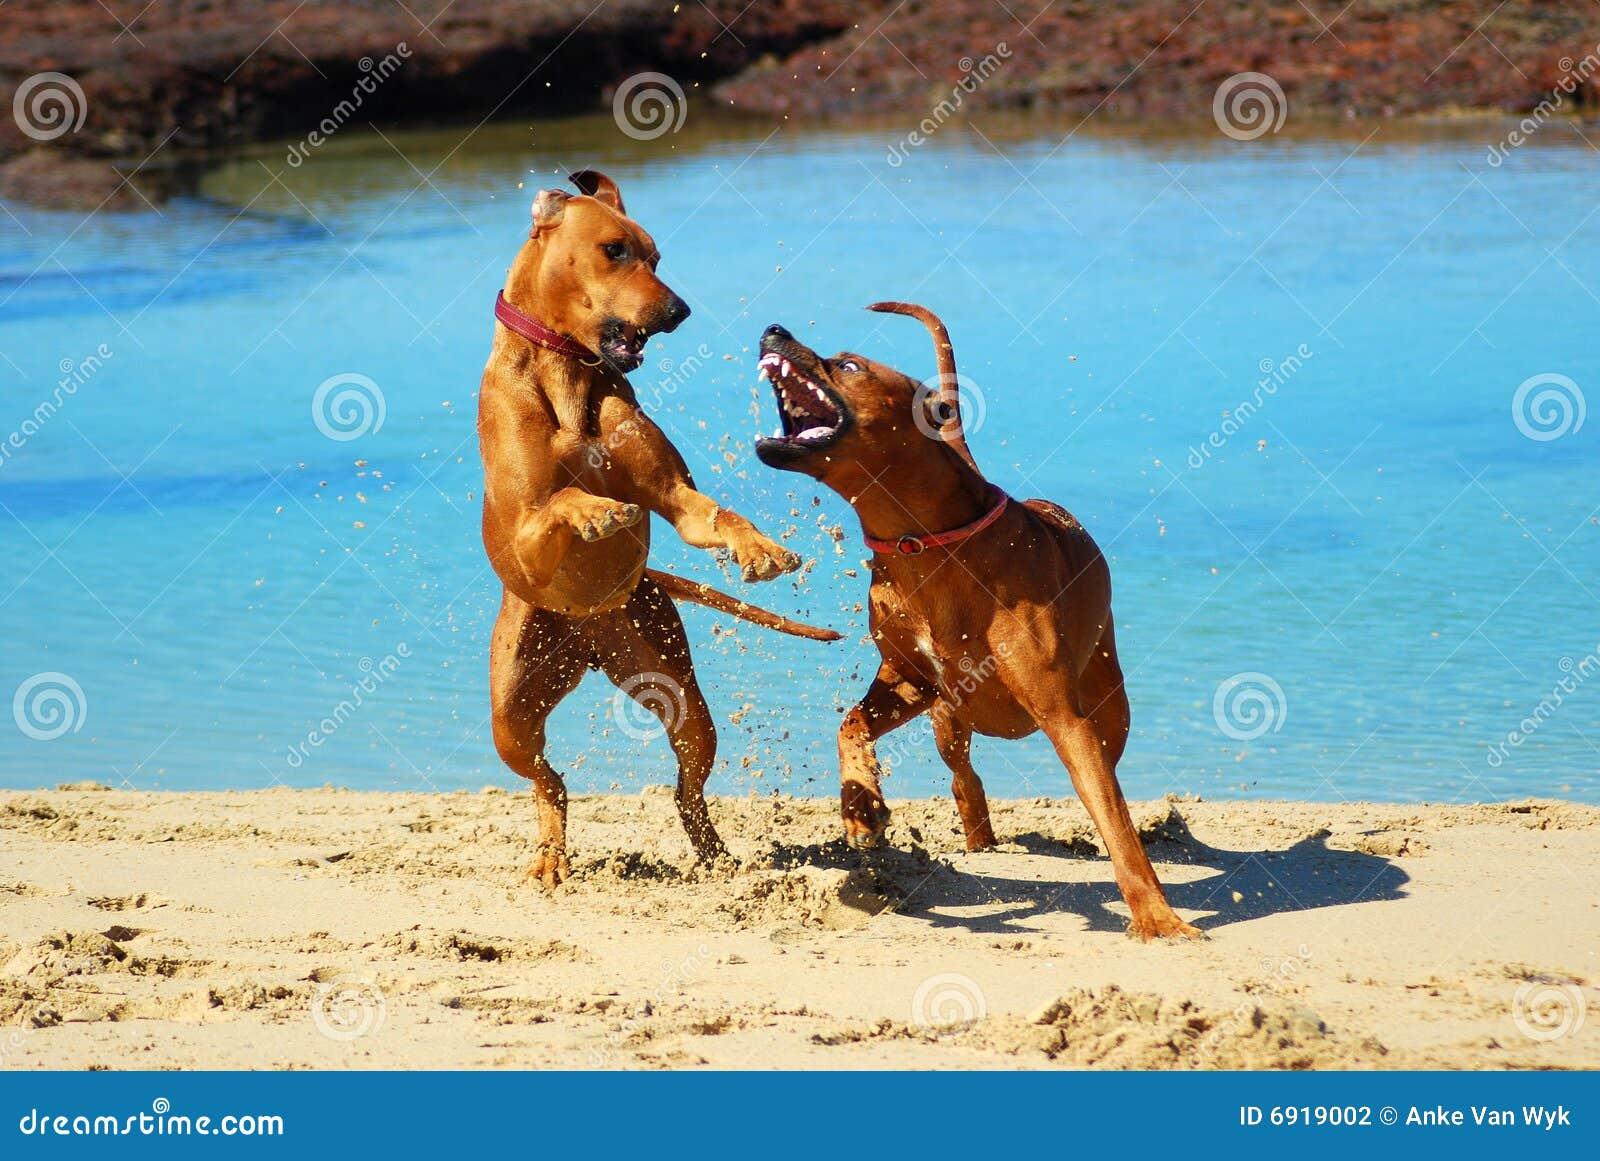 Stranden dogs stridighet